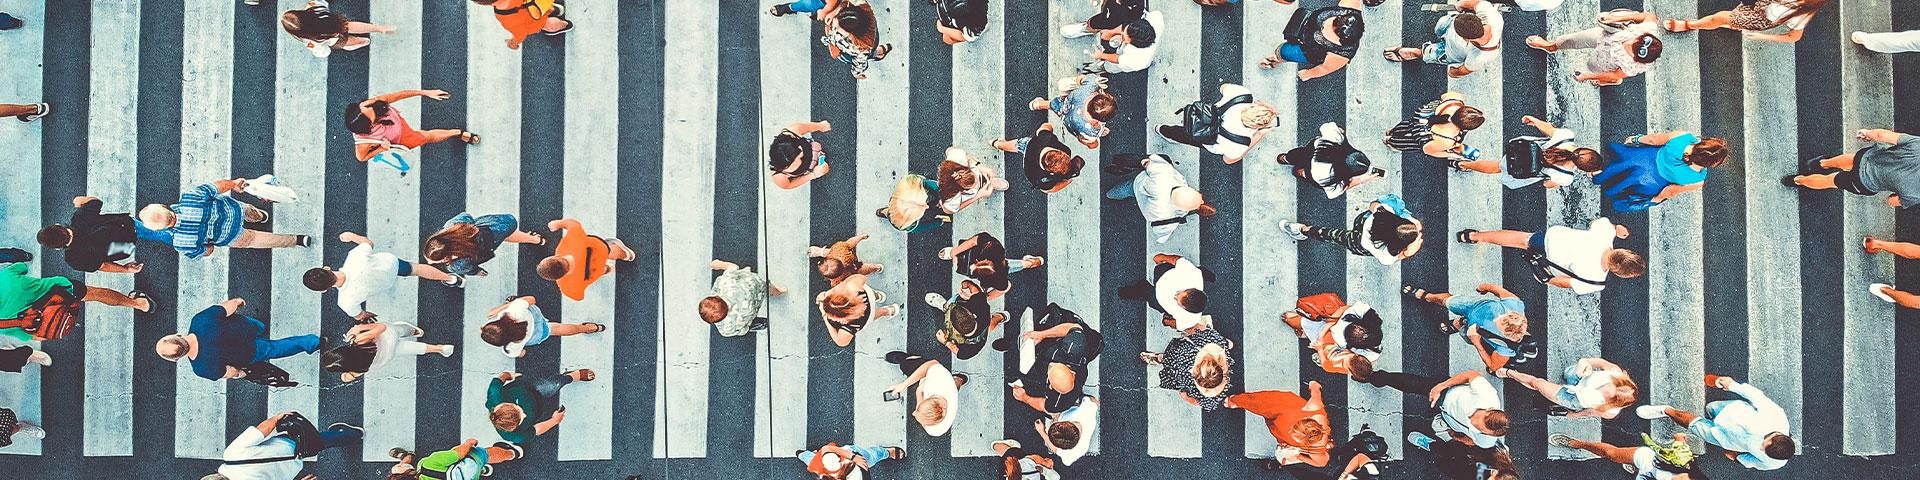 Fodgængerovergang med mange mennesker